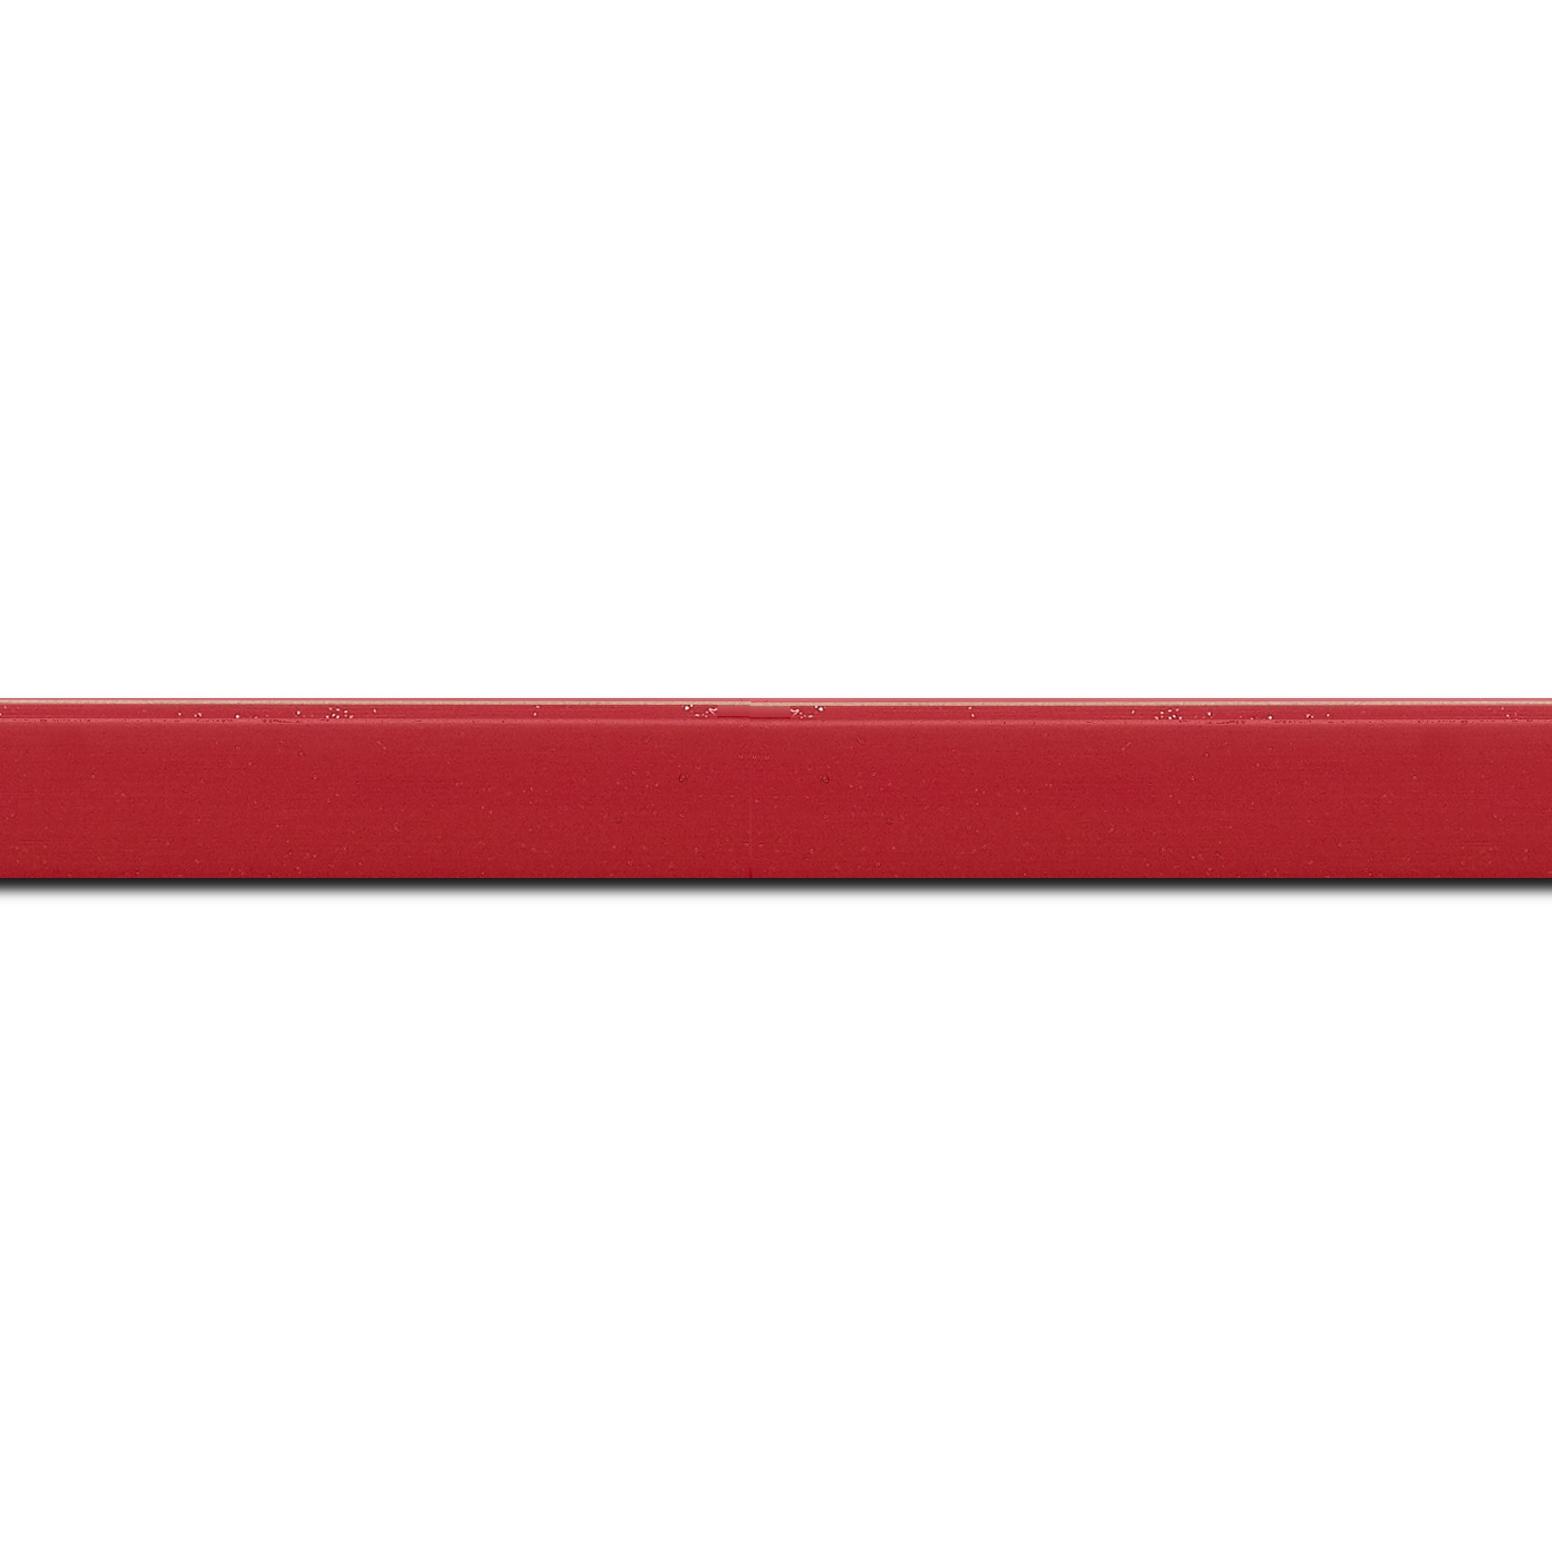 Pack par 12m, bois profil plat effet cube largeur 1.7cm couleur rouge anglais satiné (longueur baguette pouvant varier entre 2.40m et 3m selon arrivage des bois)